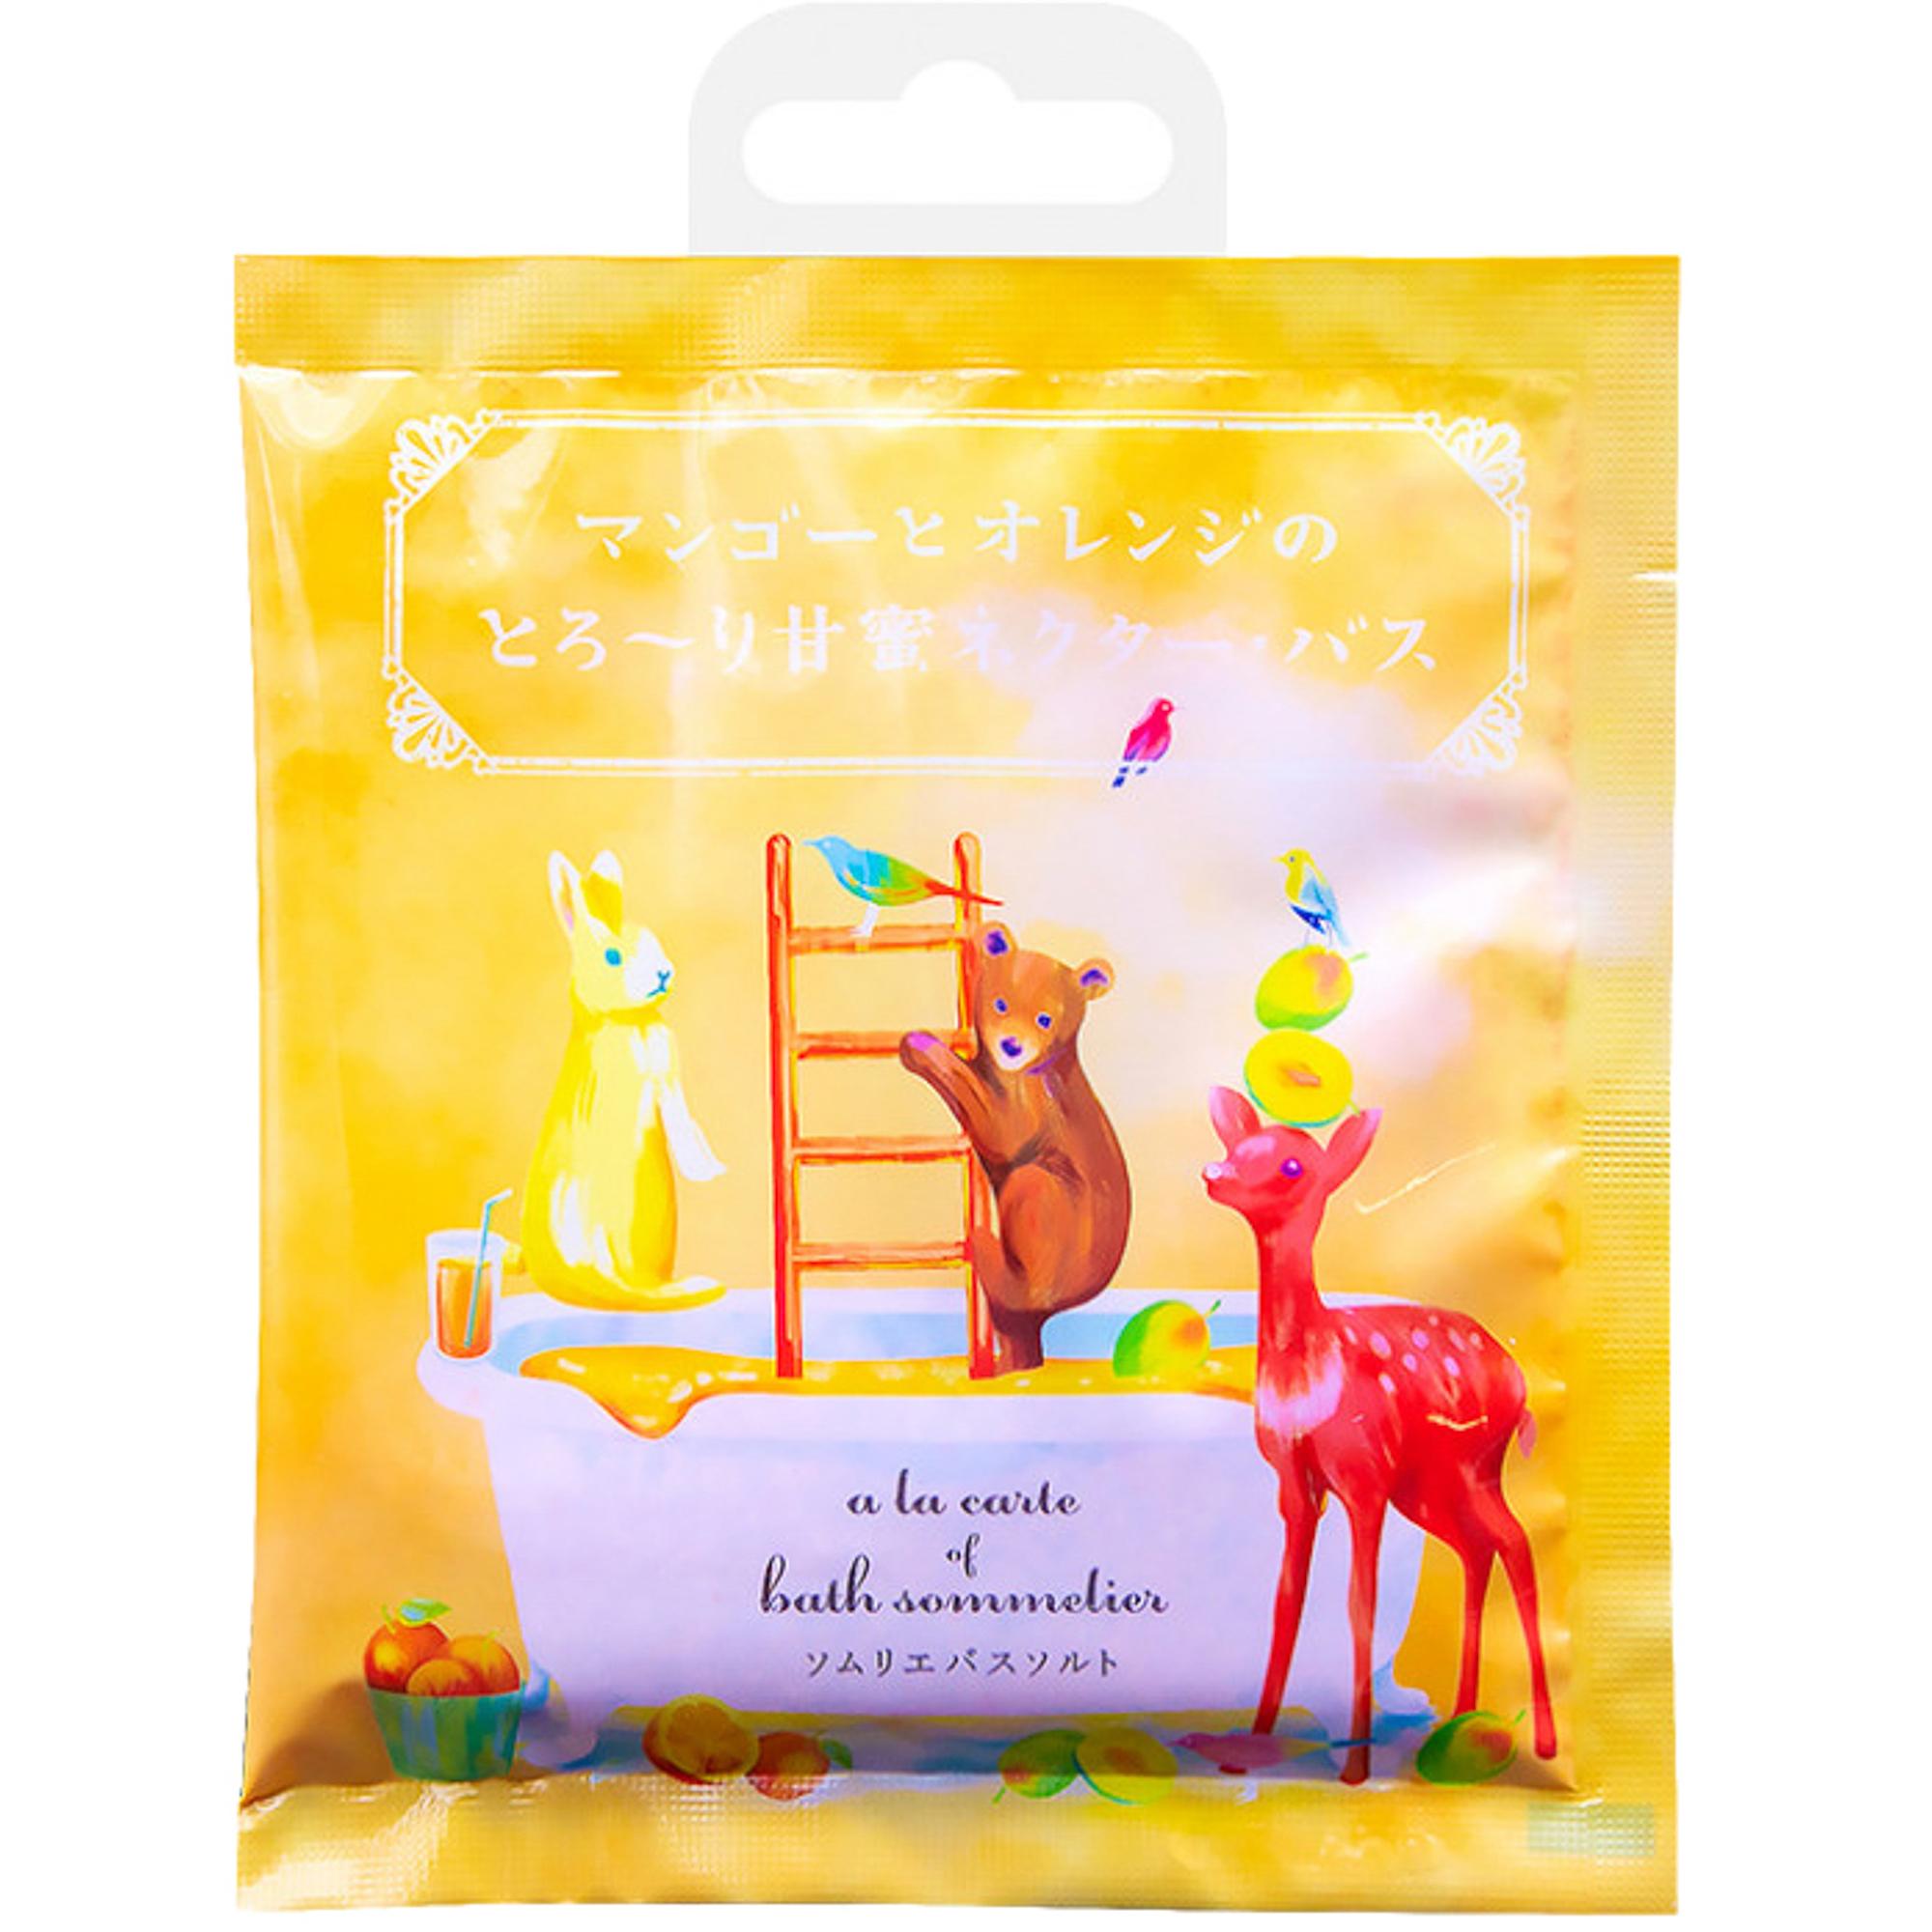 Соль для ванн Charley Sommelier Расслабляющая с экстрактом манго и апельсином 40 г.